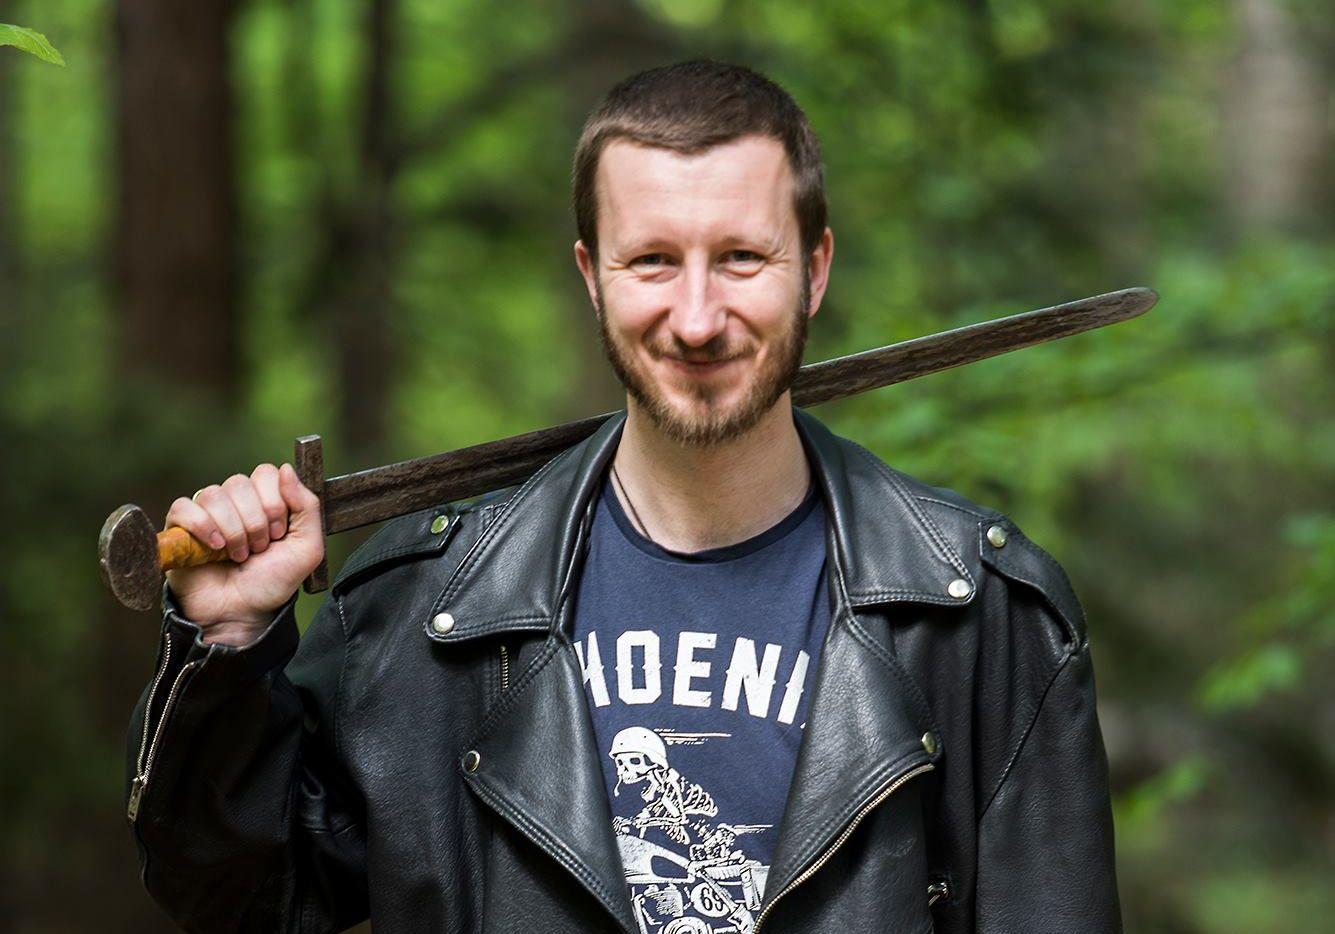 Jacek Łukawski dla serwisu MoznaPrzeczytac.pl